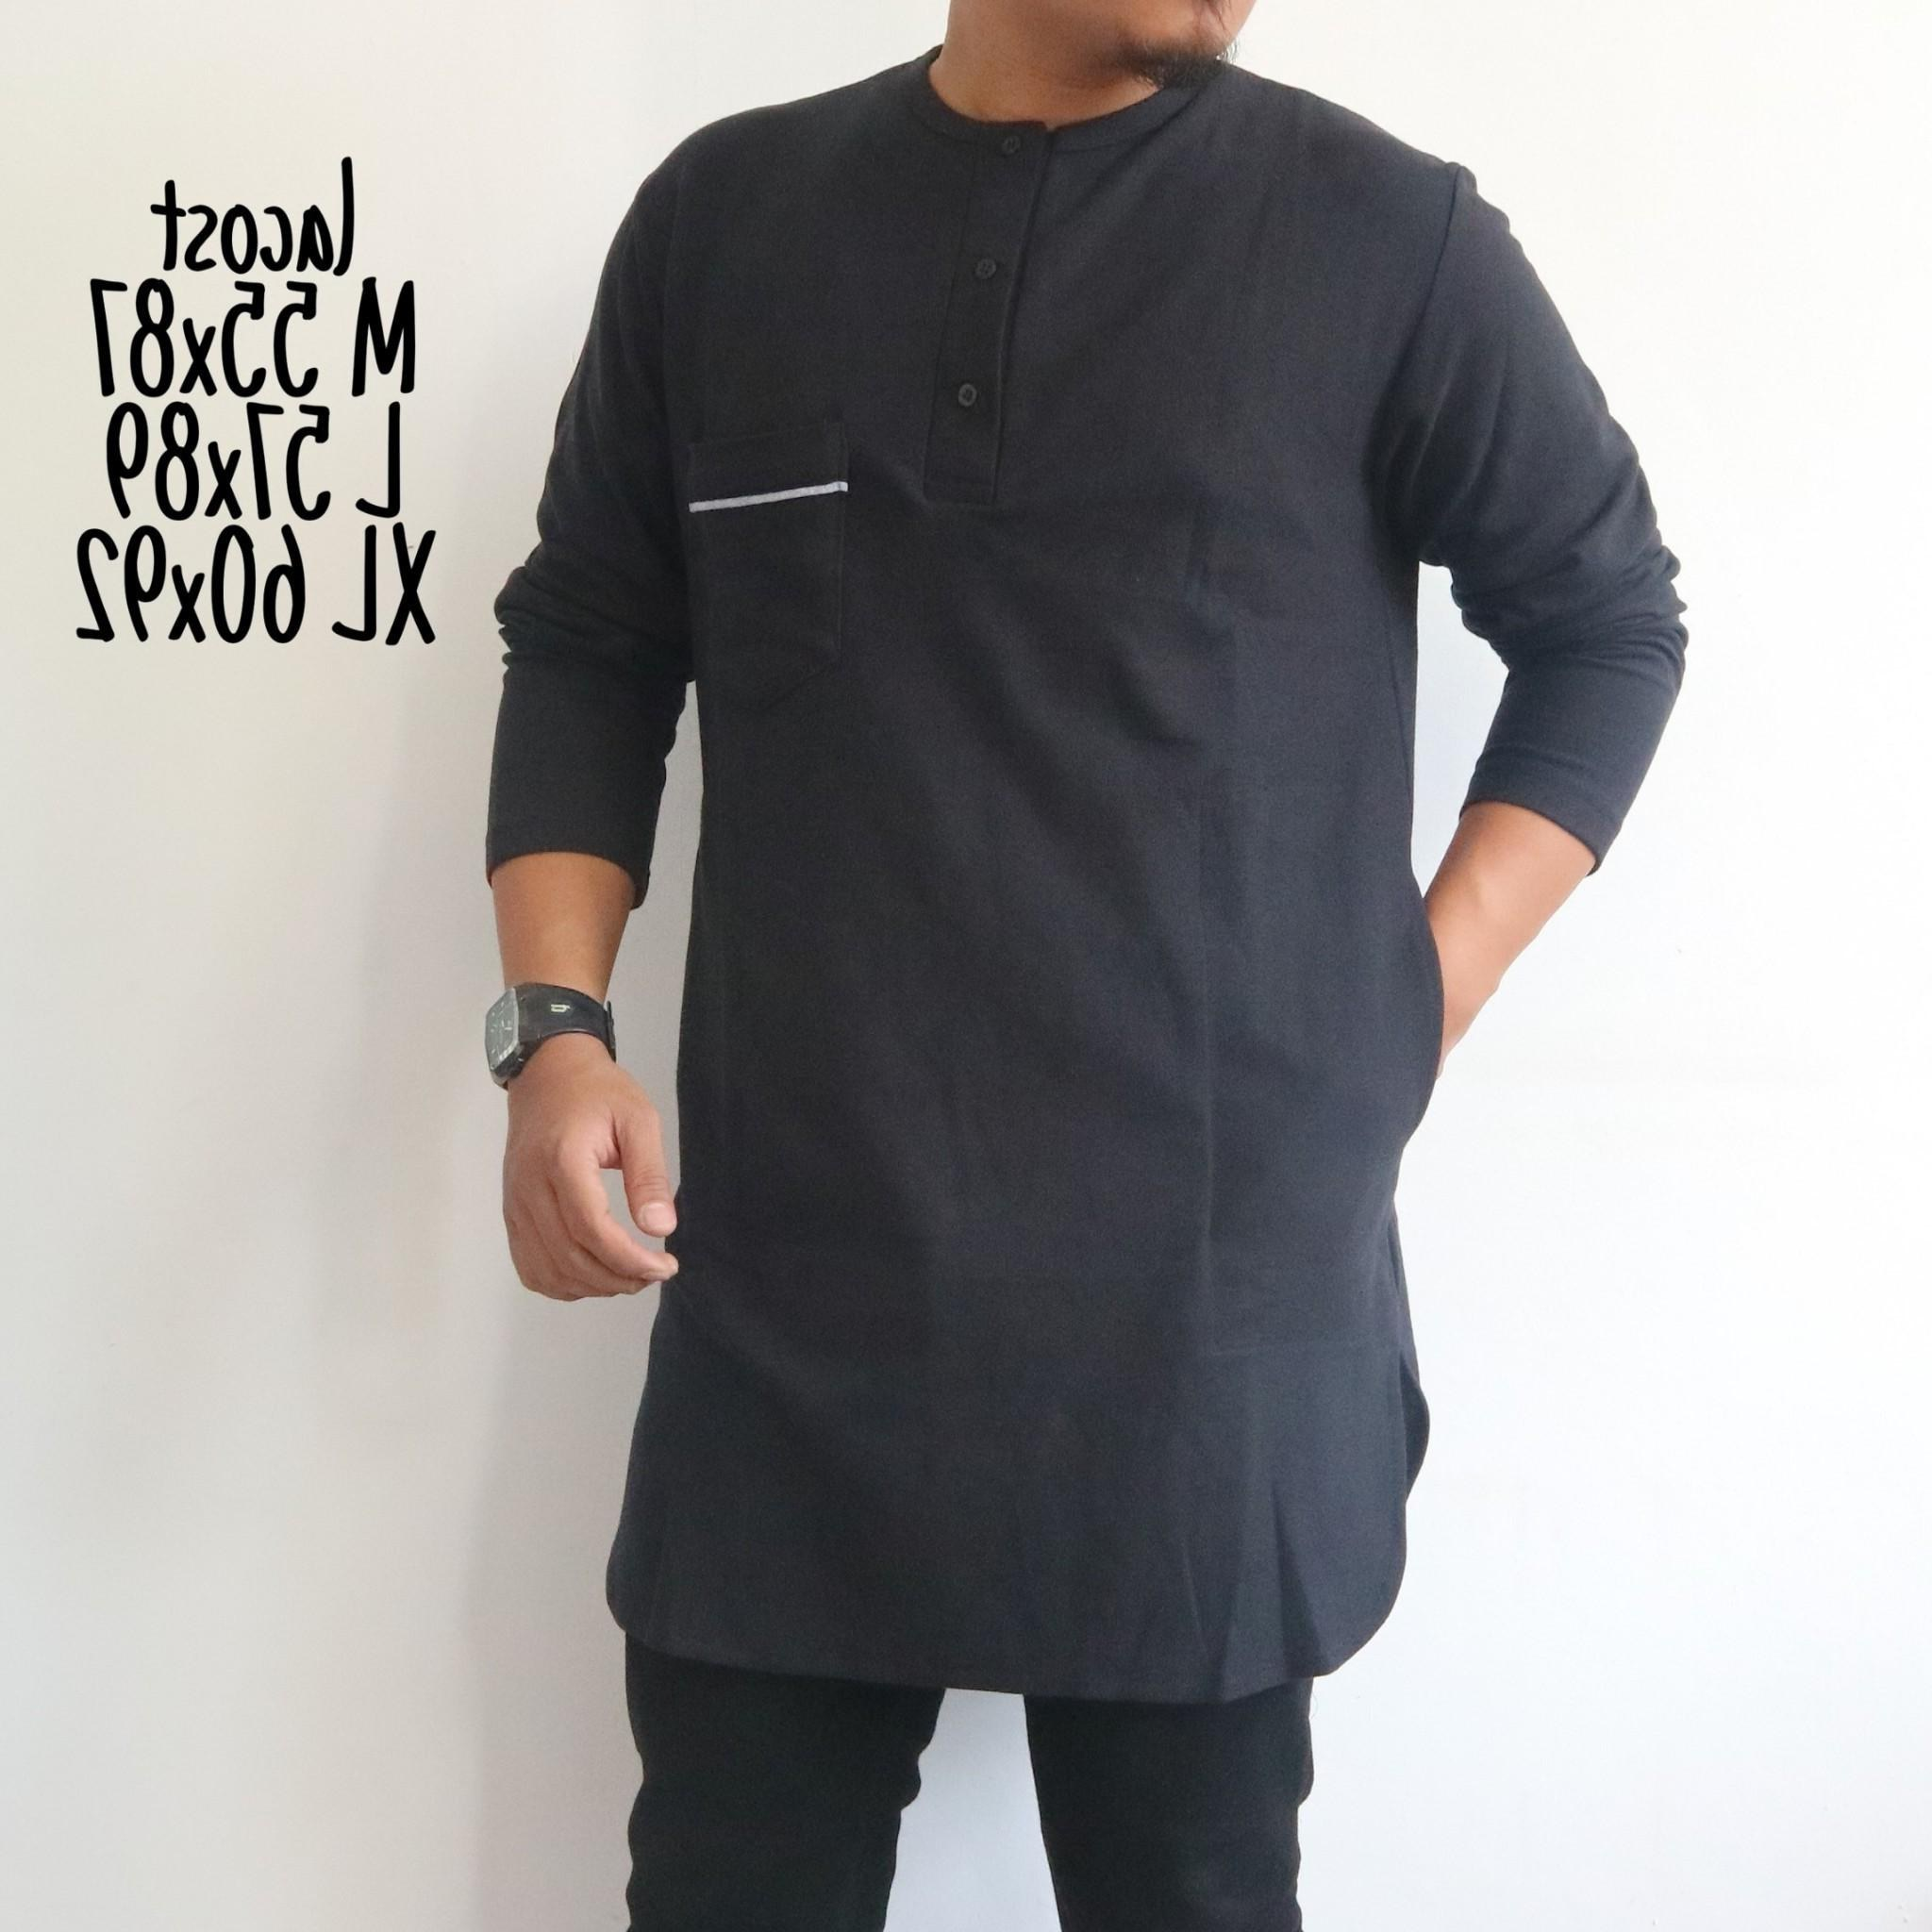 Ide Baju Lebaran Pria Terbaru S1du Trend Baju Lebaran Pria 2019 Nusagates